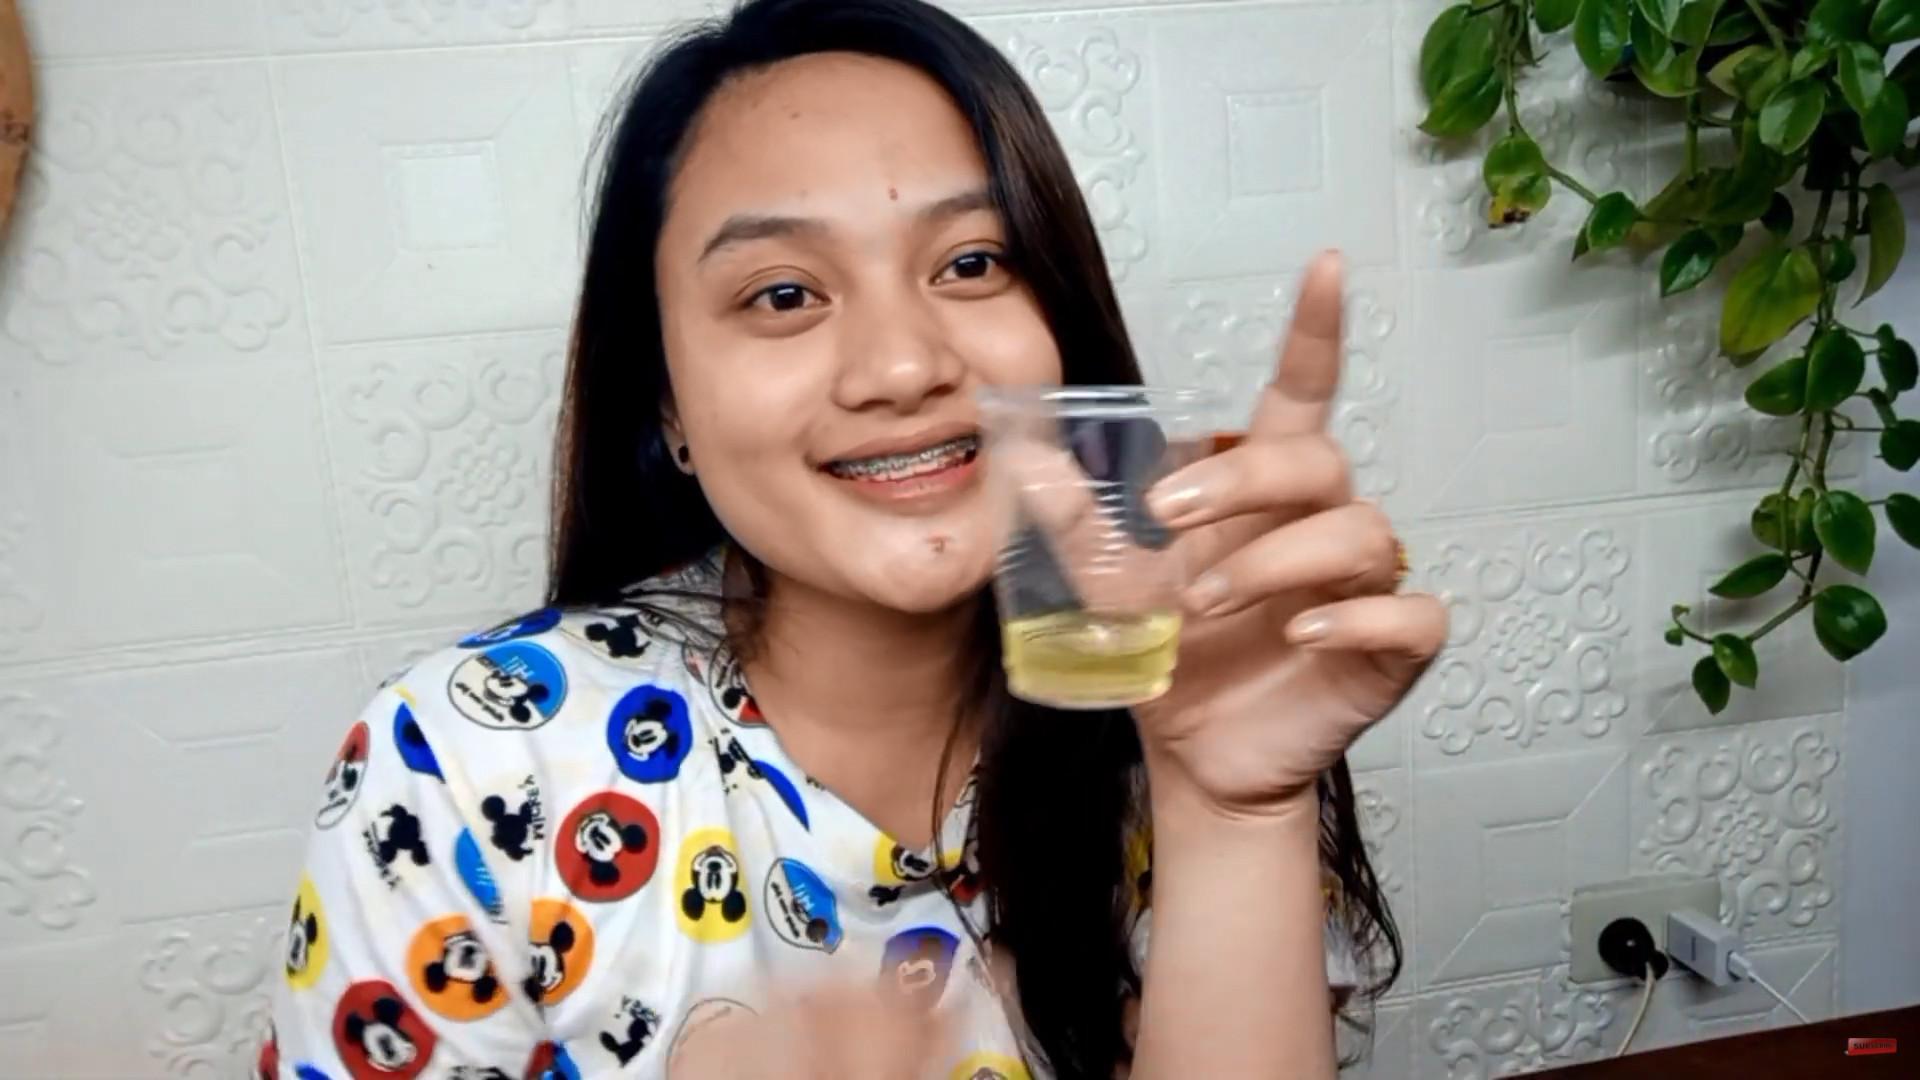 ▲▼菲律賓網紅賽絲將尿液抹到臉上,宣稱能夠抗痘、美白。(圖/翻攝自Youtube@Crazy Thess)